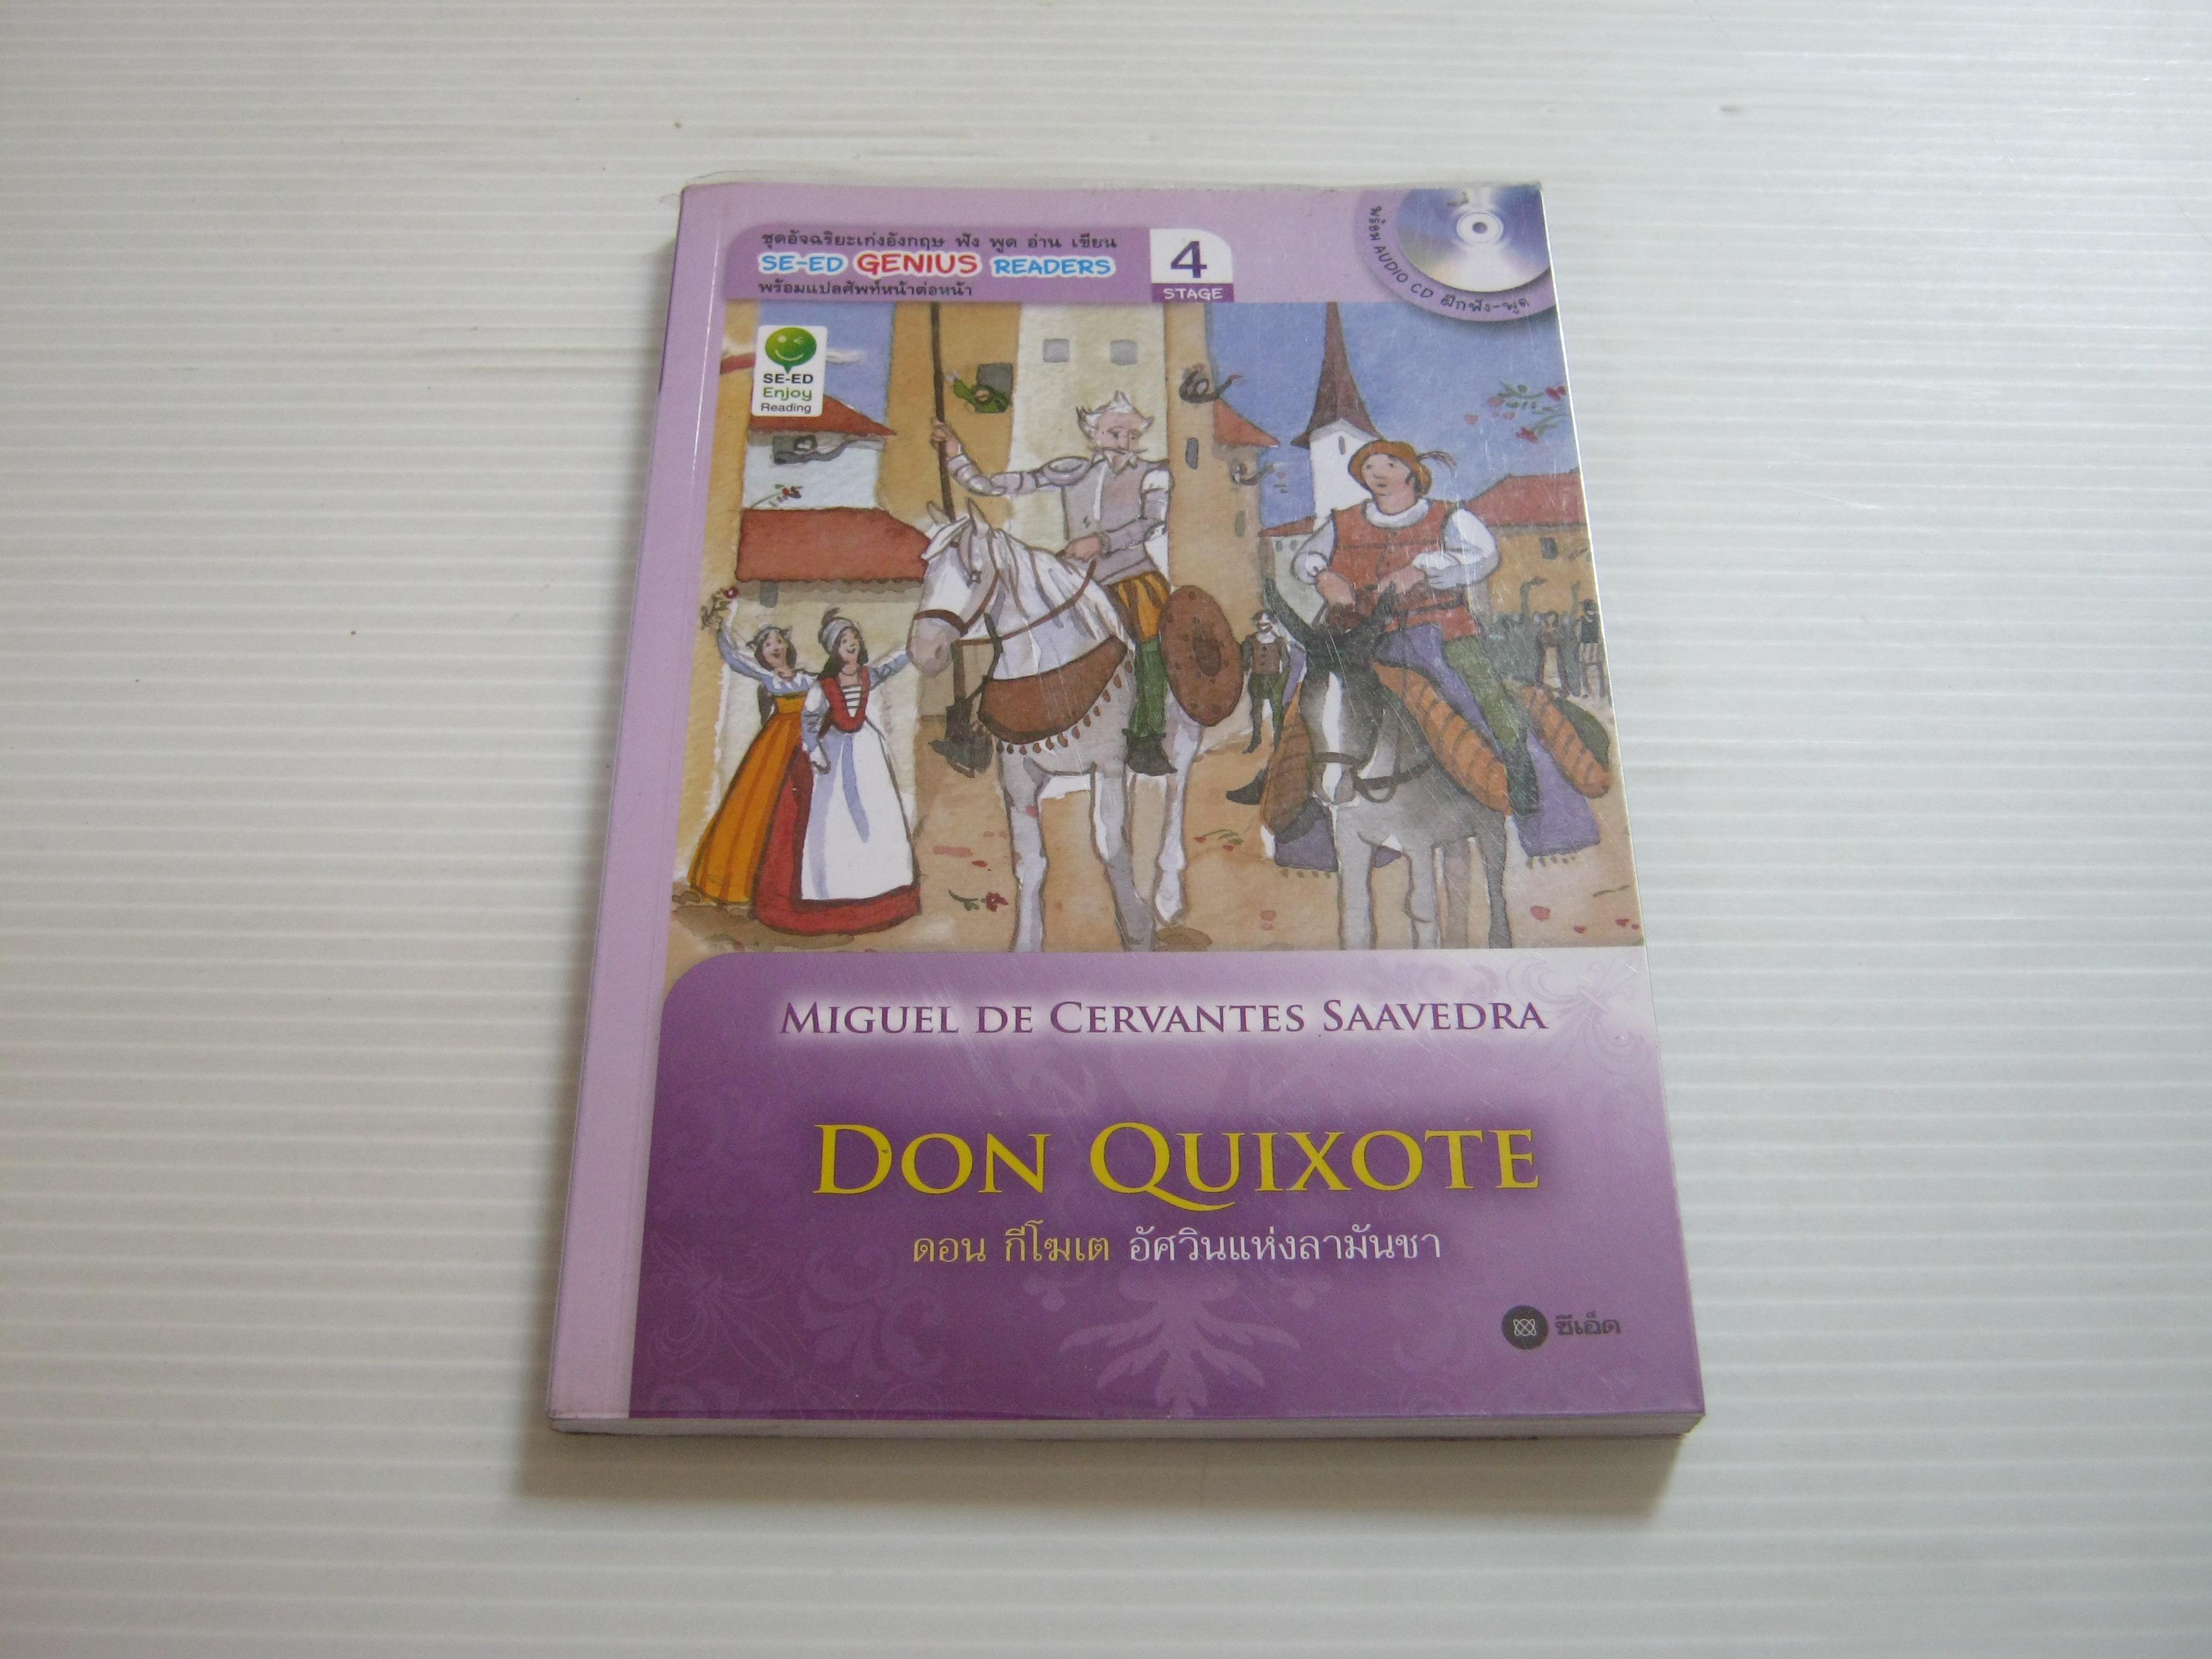 ดอน กีโฆเต อัศวินแห่งลามันชา (Don Quixote) Miguel De Cervantes Saavedra เขียน (พร้อมซีดีในเล่ม)